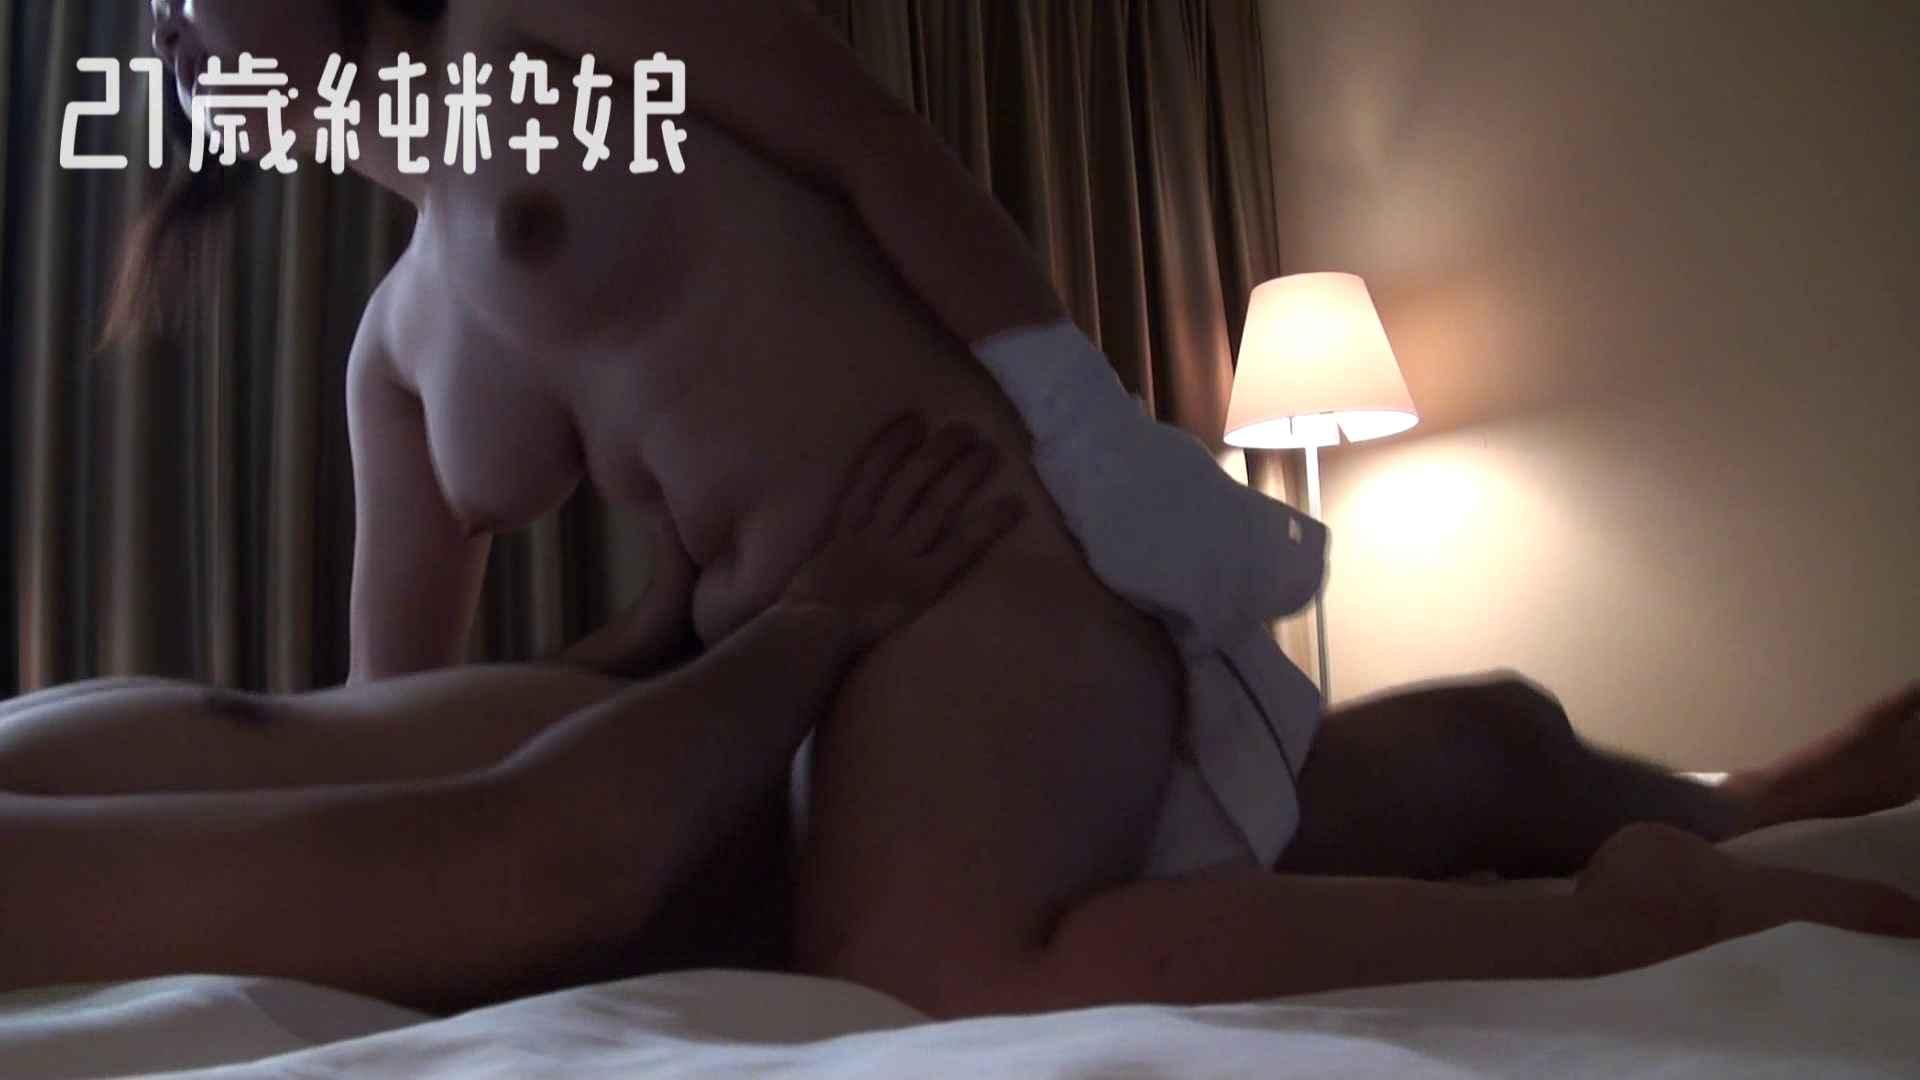 上京したばかりのGカップ21歳純粋嬢を都合の良い女にしてみた2 SEX エロ無料画像 102pic 90